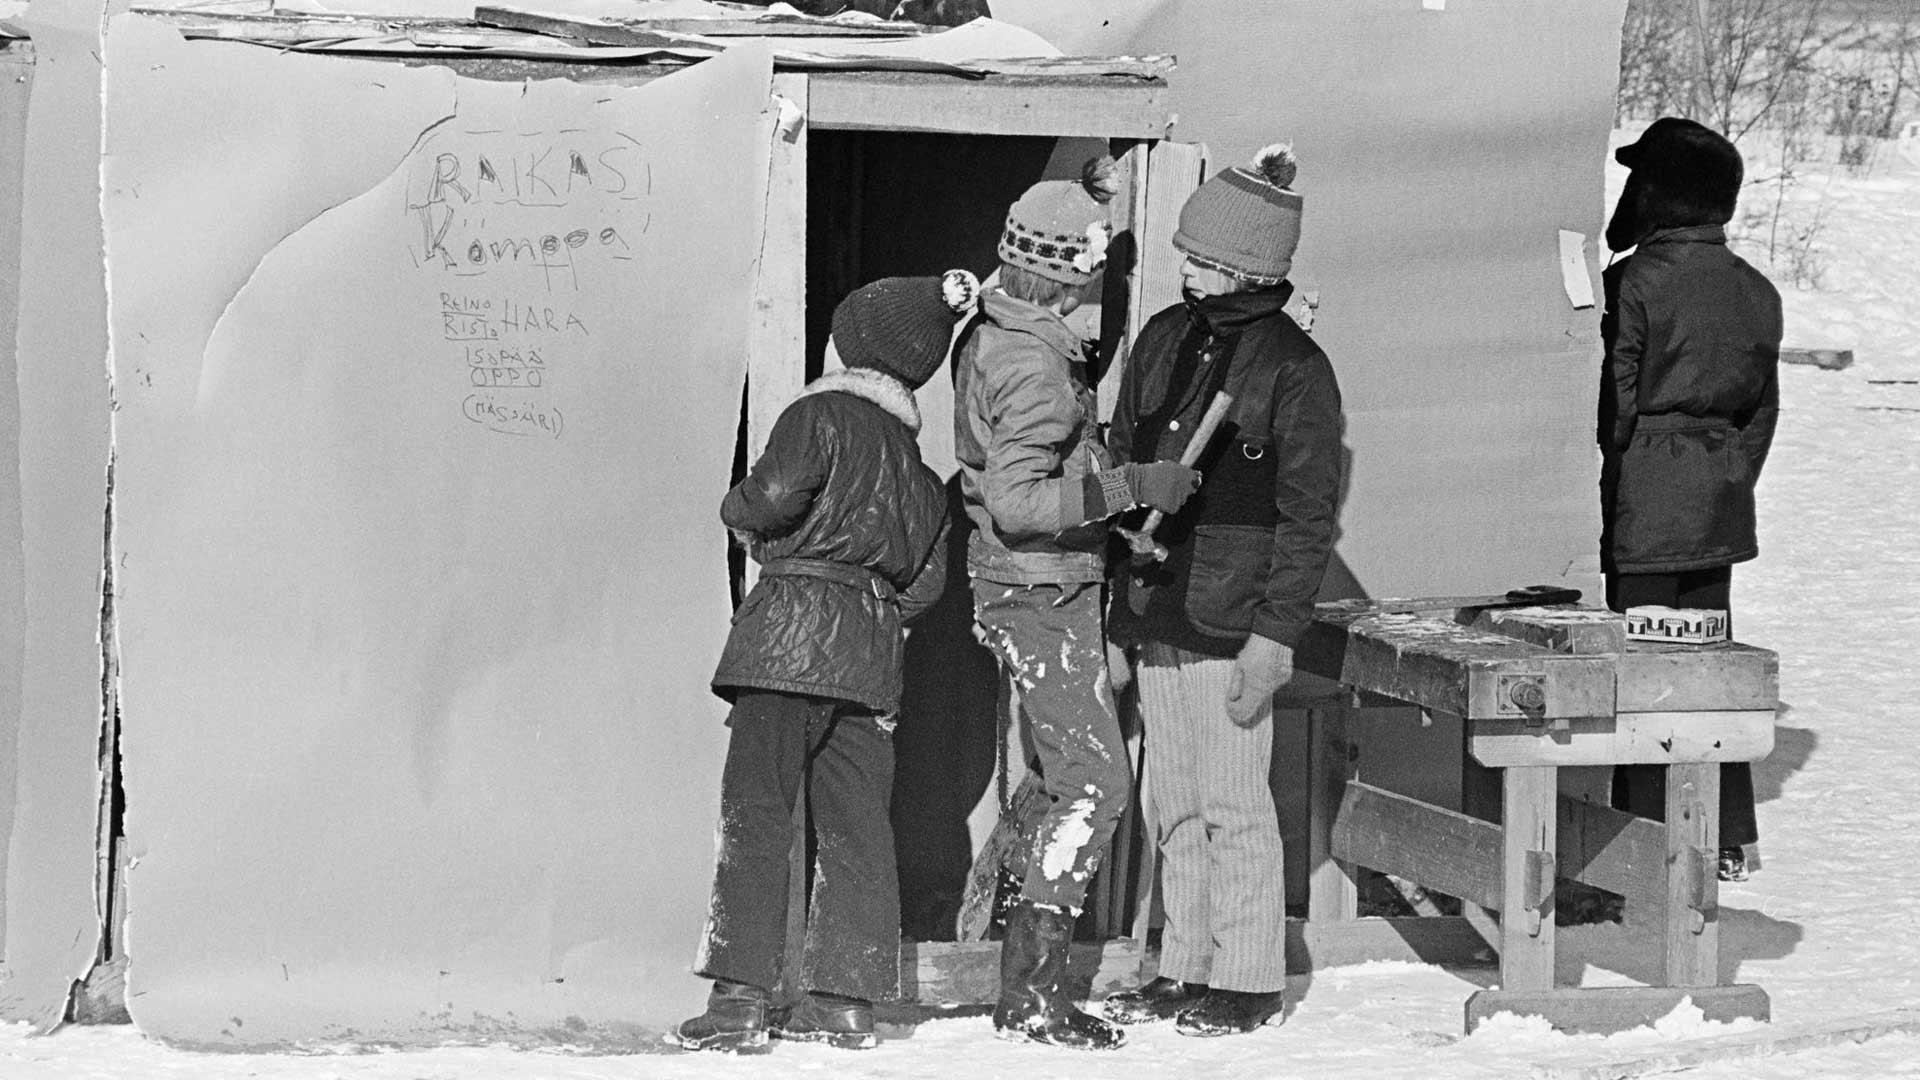 Koululaisten maailmankuvan muovaaminen aloitettiin kahden viikon esikokeilulla keväällä 1973. Oppilaat tutkivat rakentamaansa hökkelikylää.